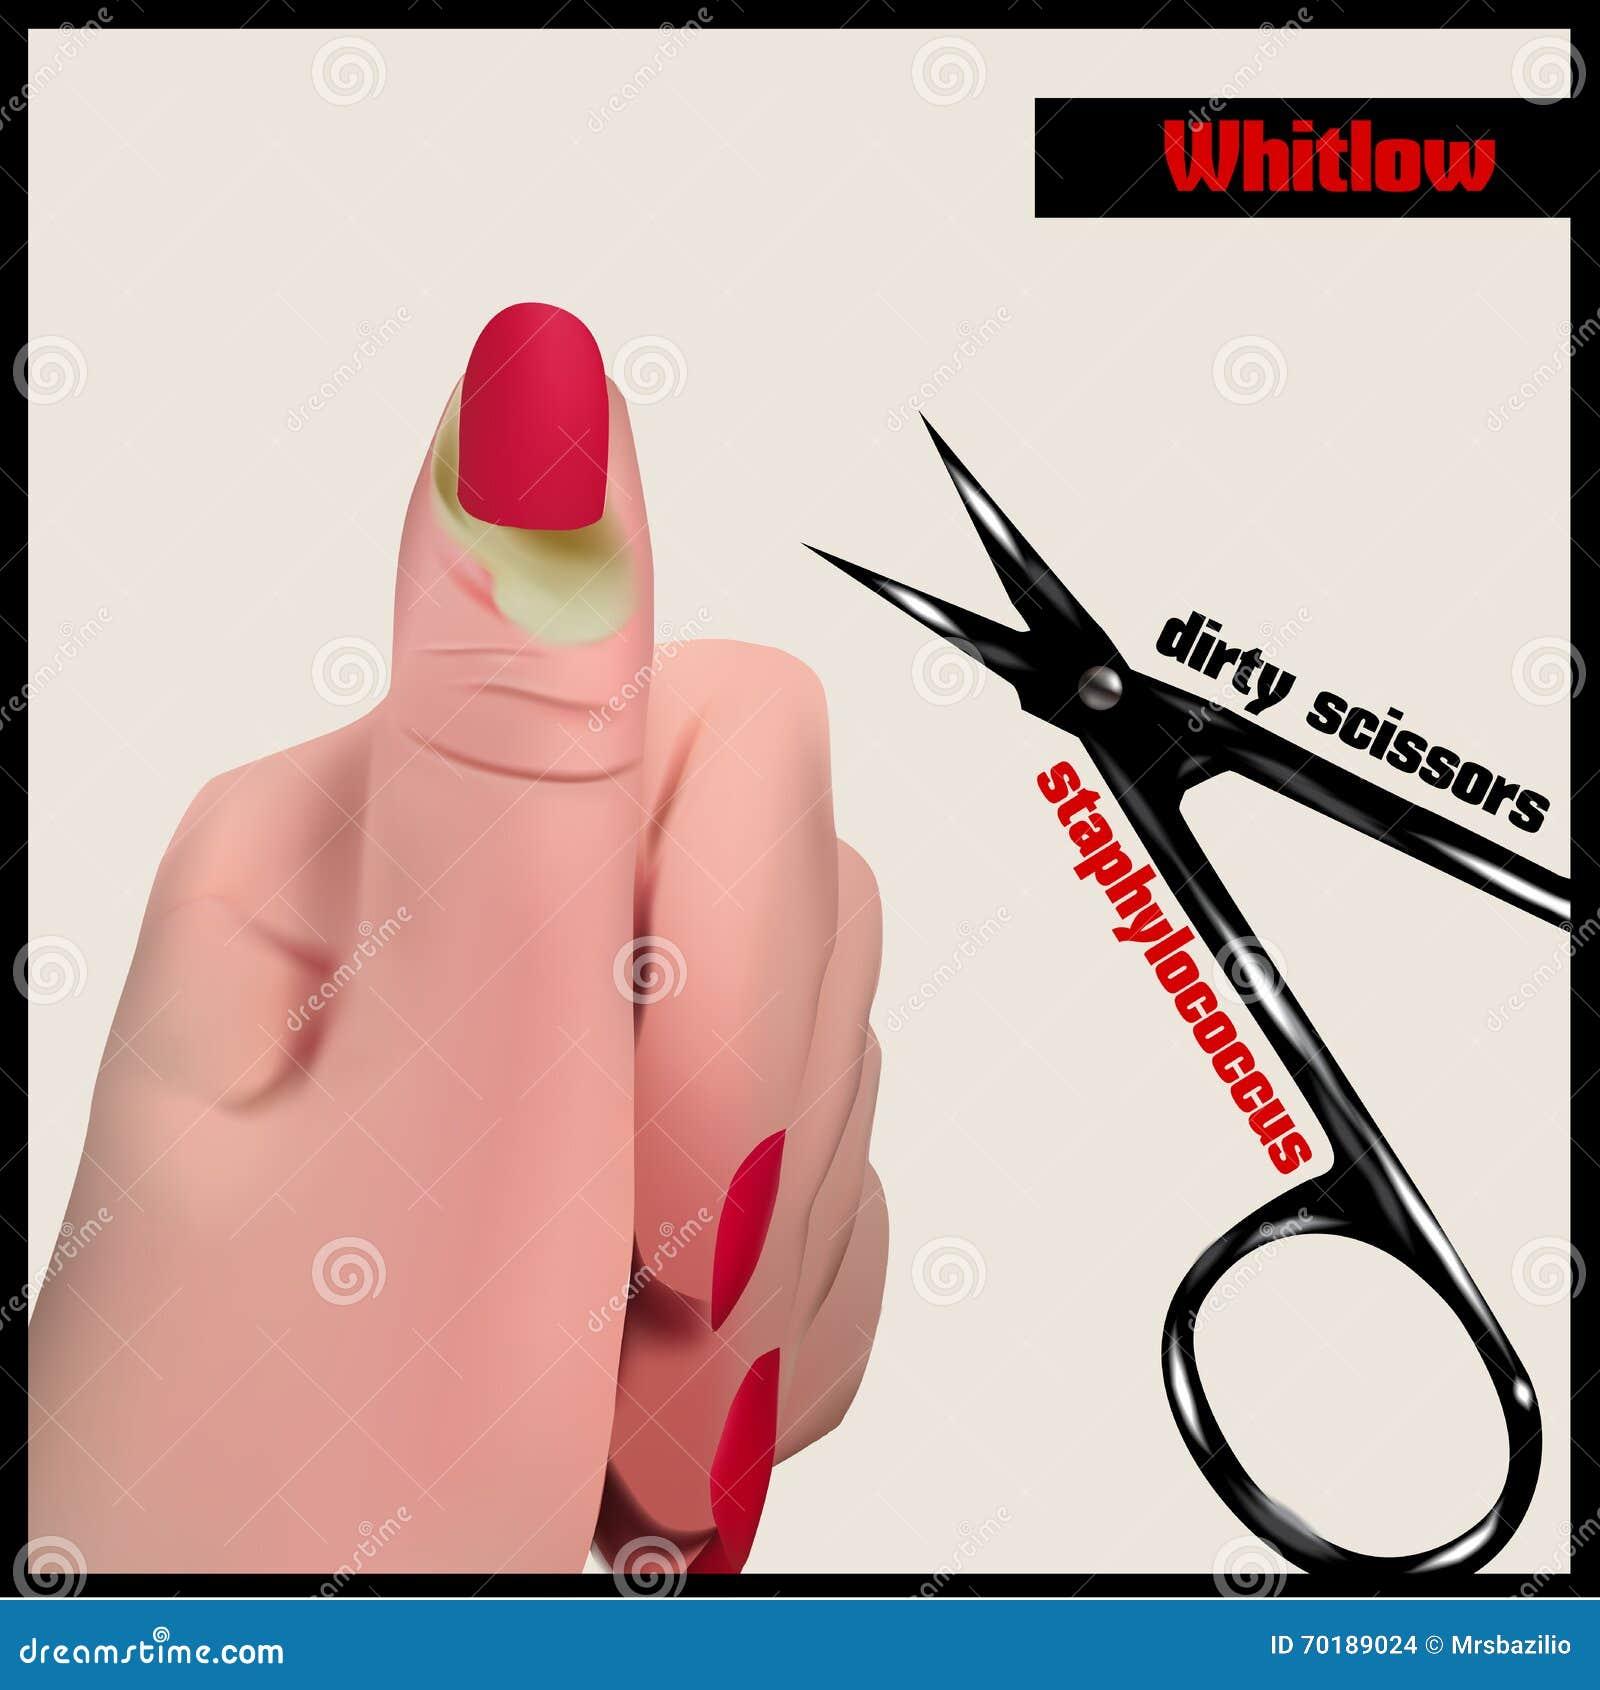 Whitlow  Illustration 70189024 - Megapixl